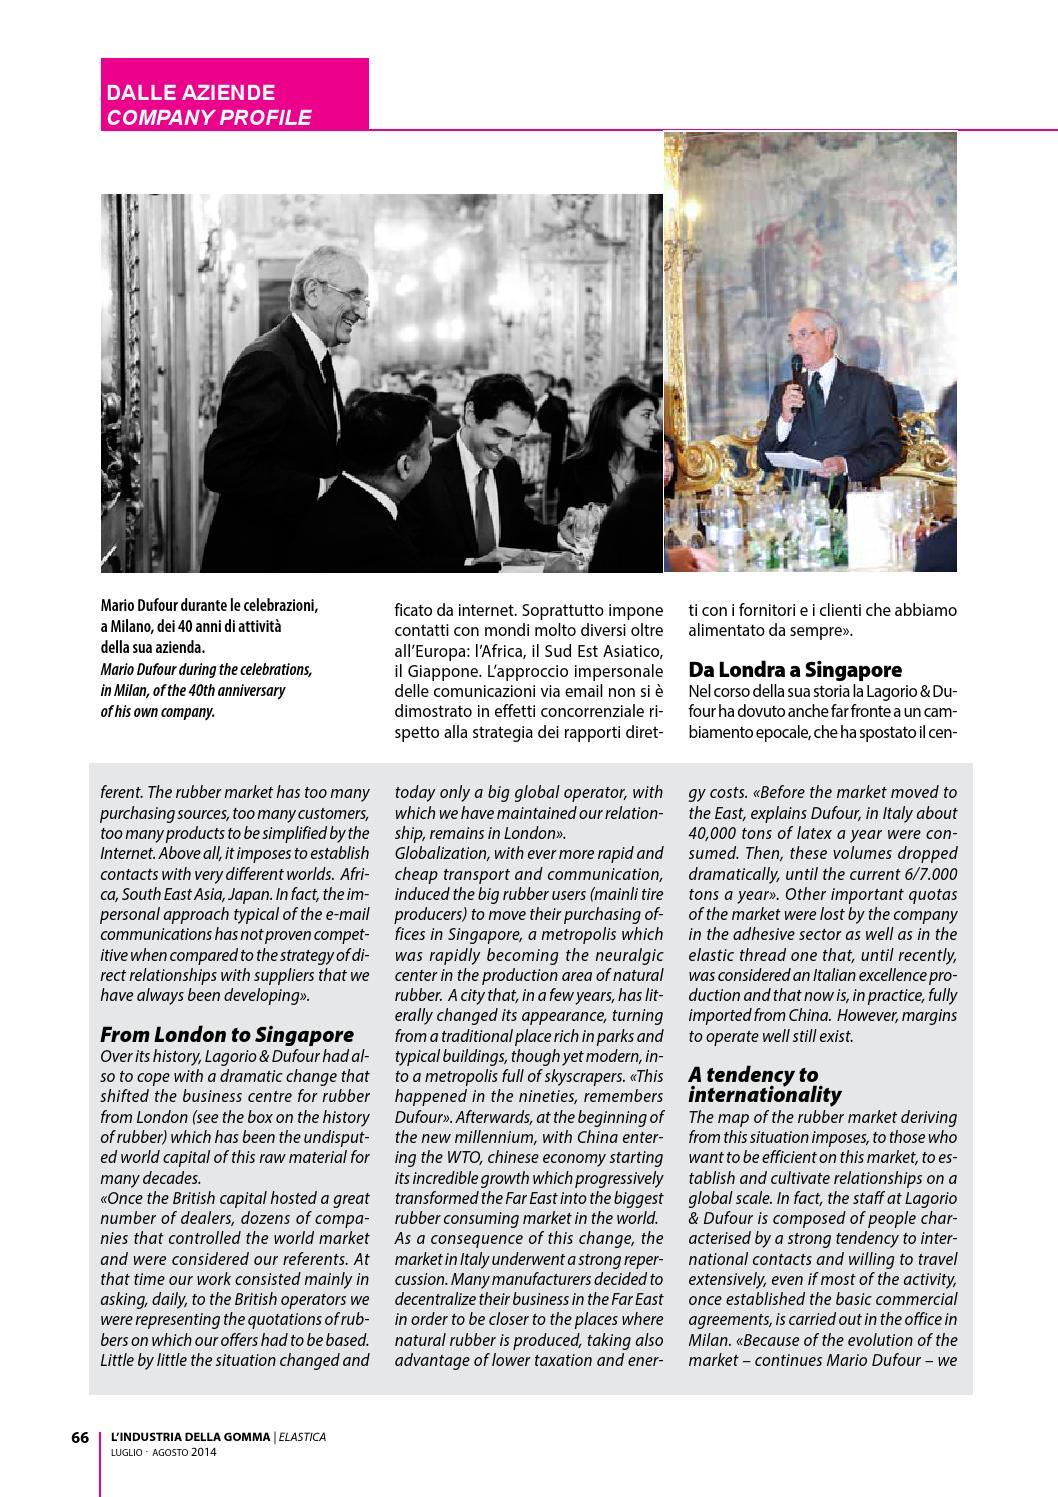 L'Industria della Gomma - 07/08 2014 by Edifis - issuu